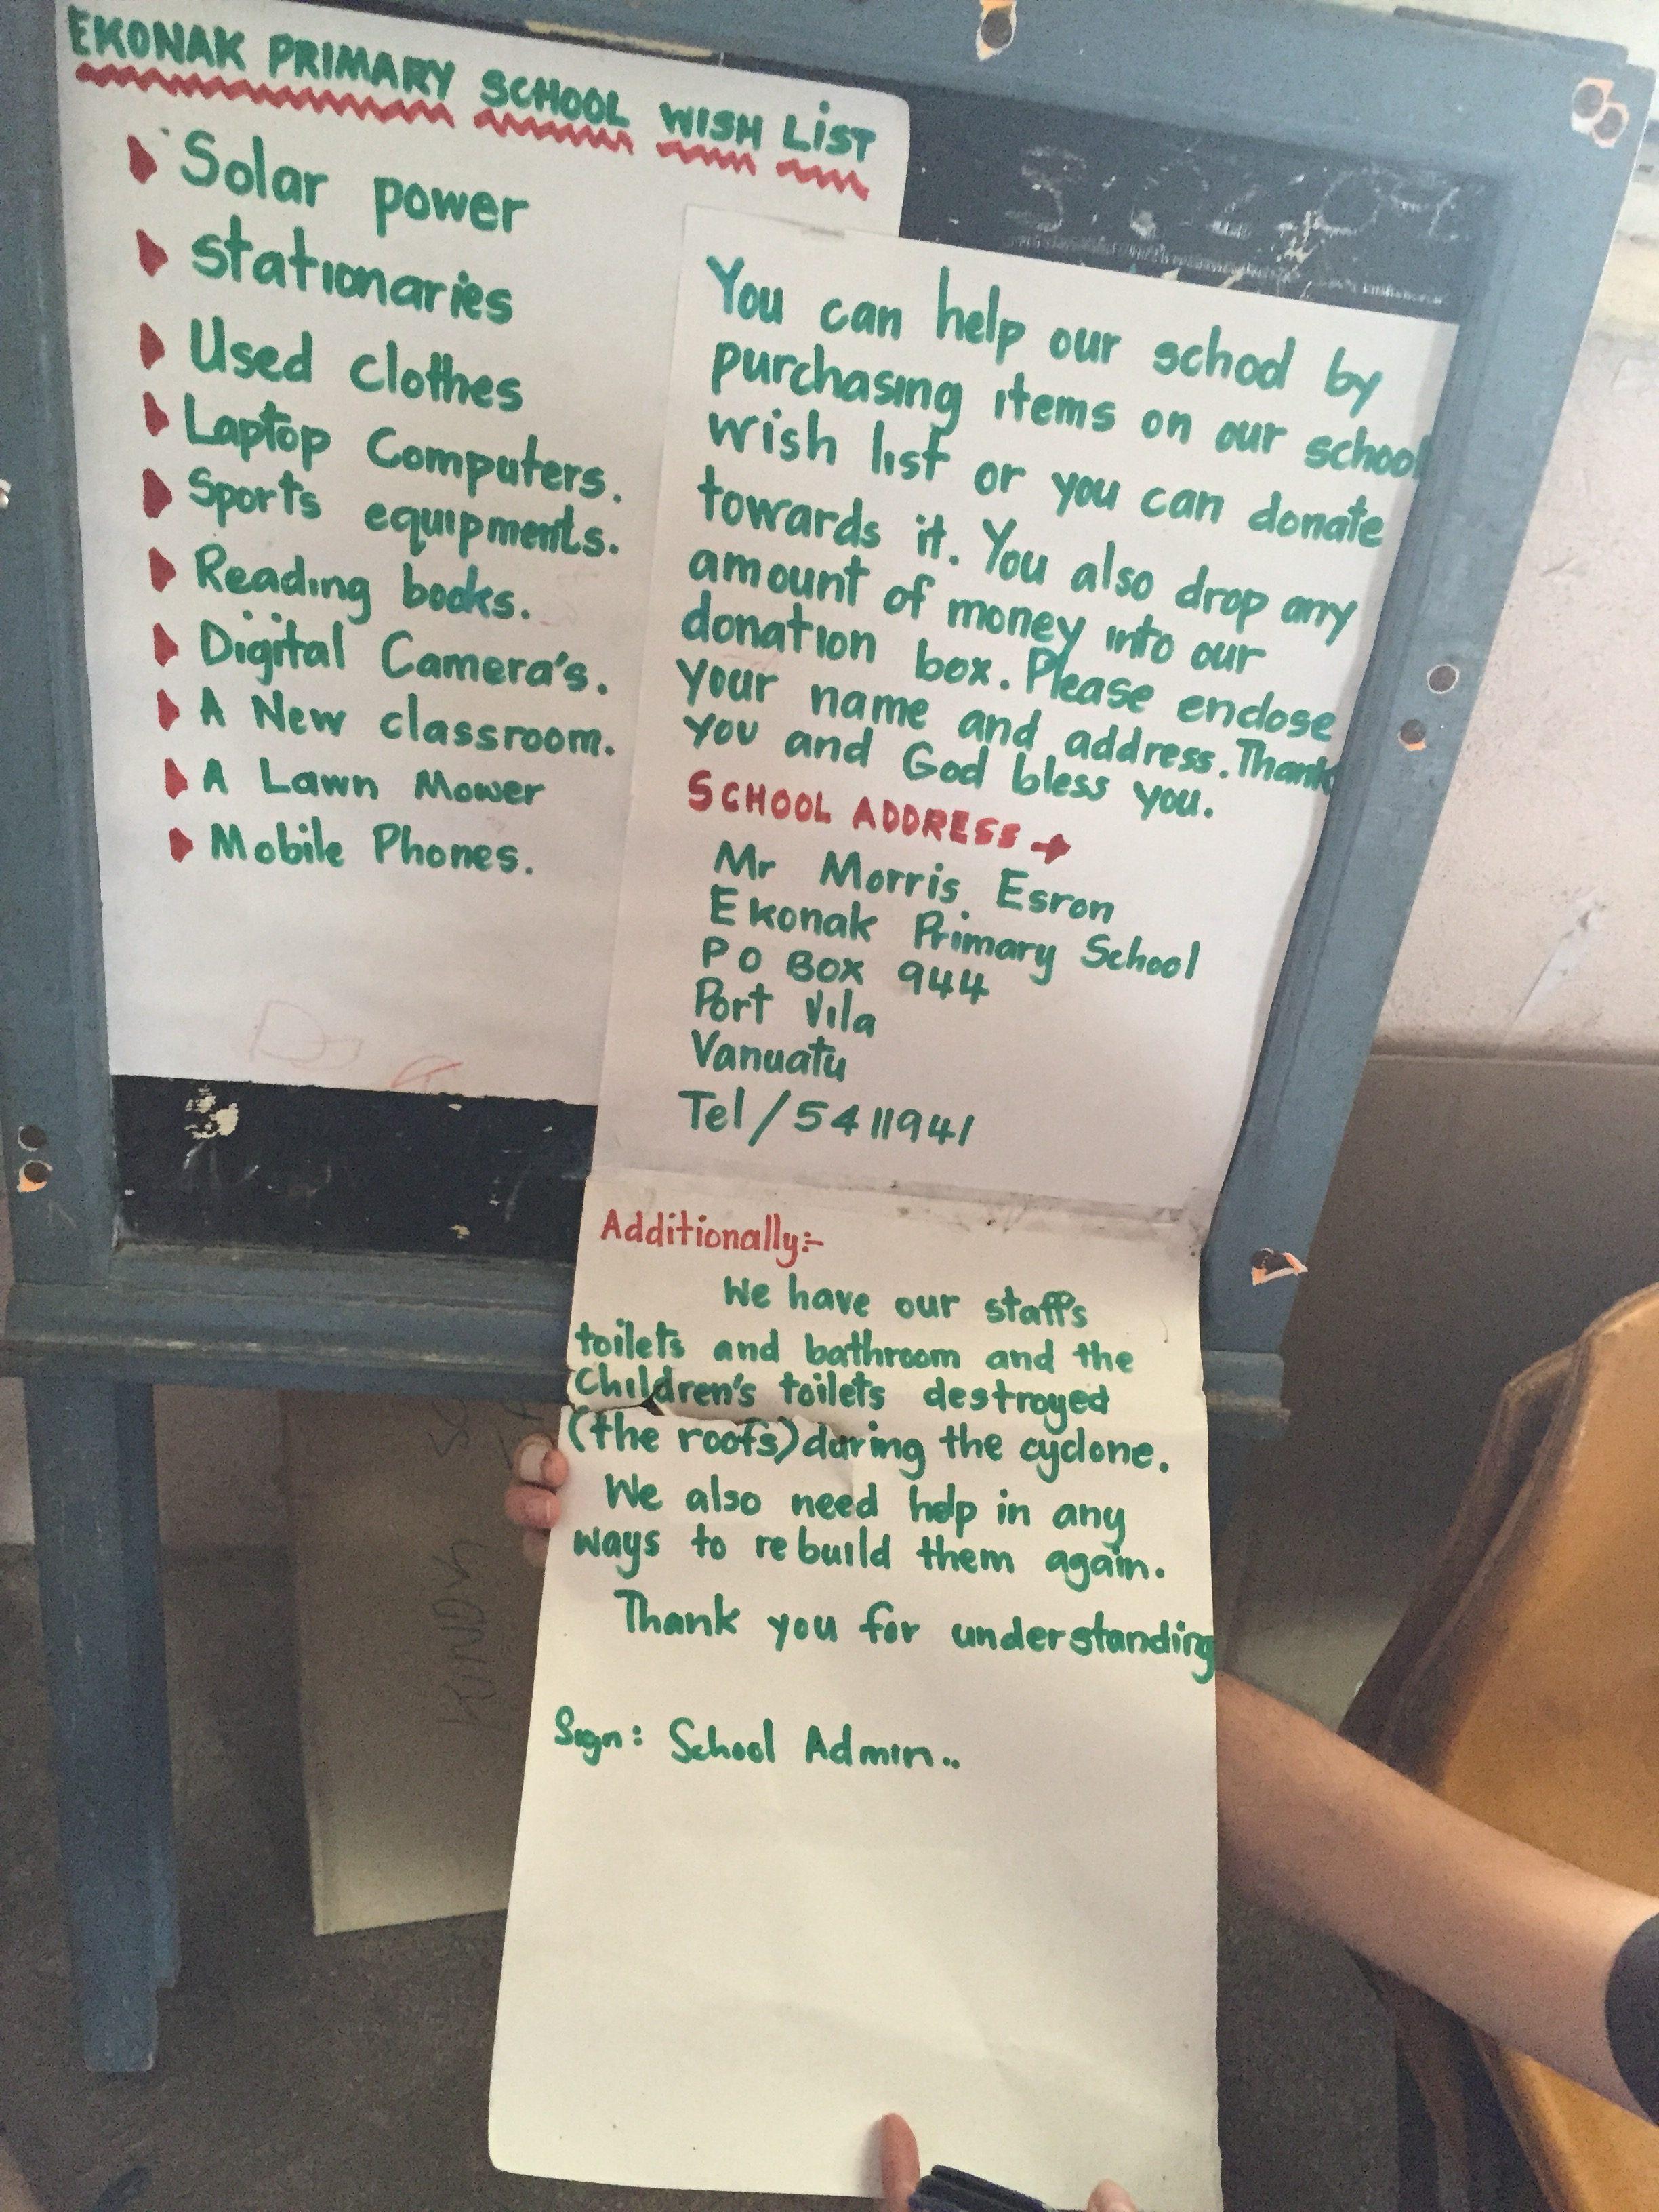 Lista de deseos y dirección para hacer envíos